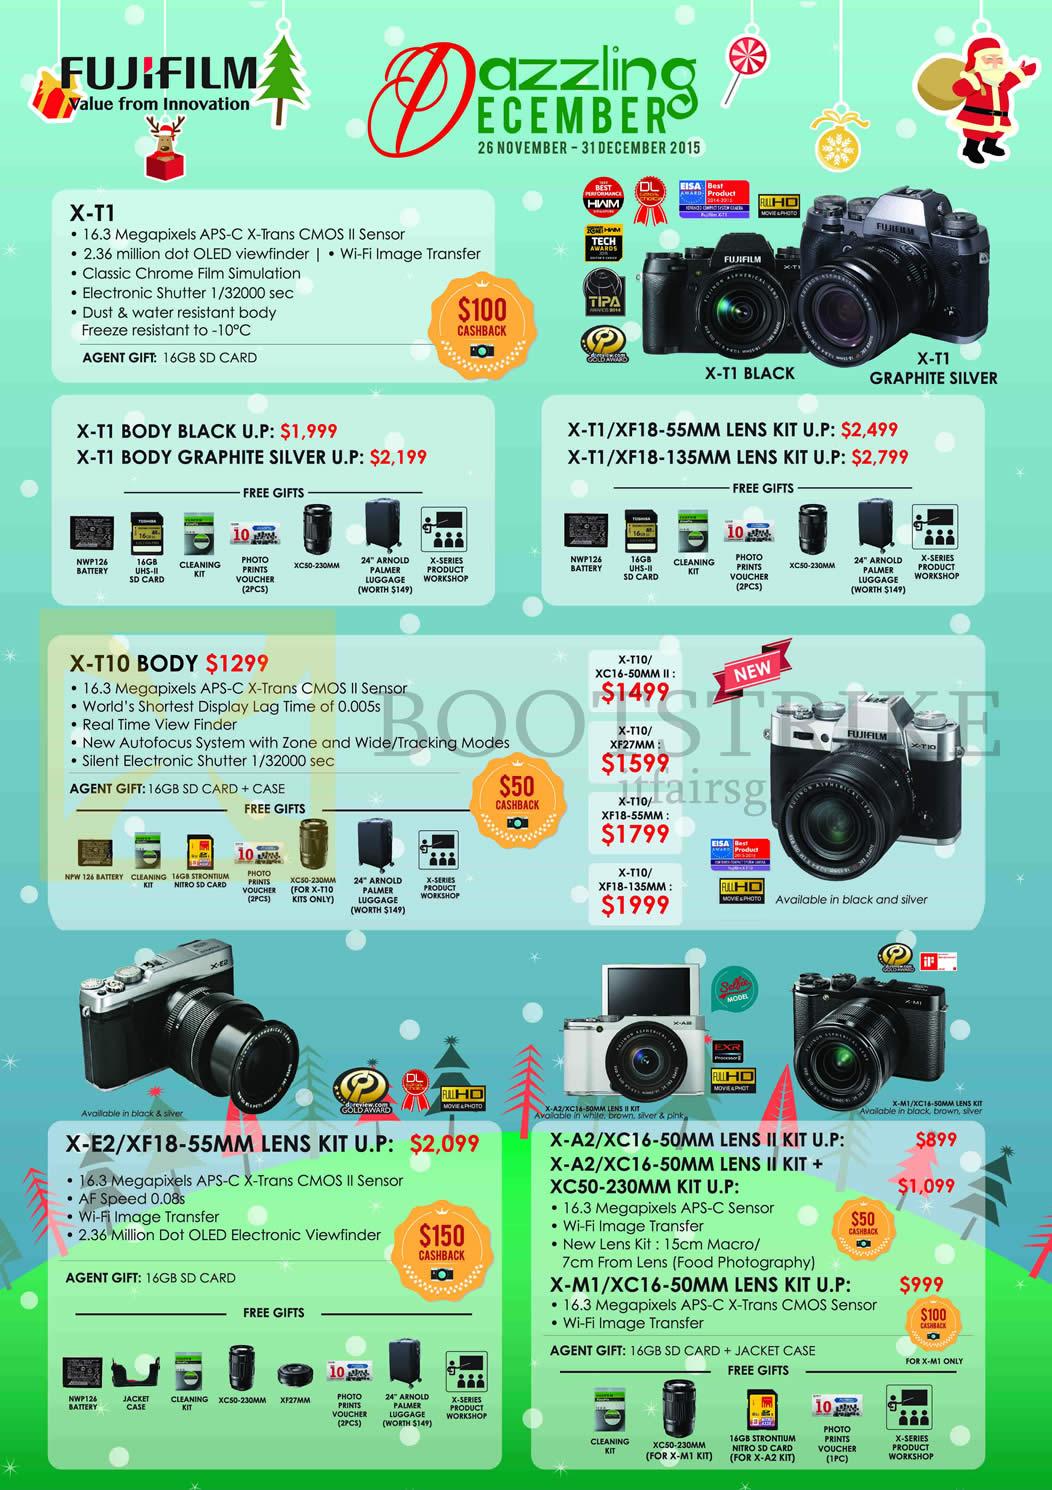 Fujifilm Digital Cameras X-T1, X-E2, X-A2, X-M1, X-T10